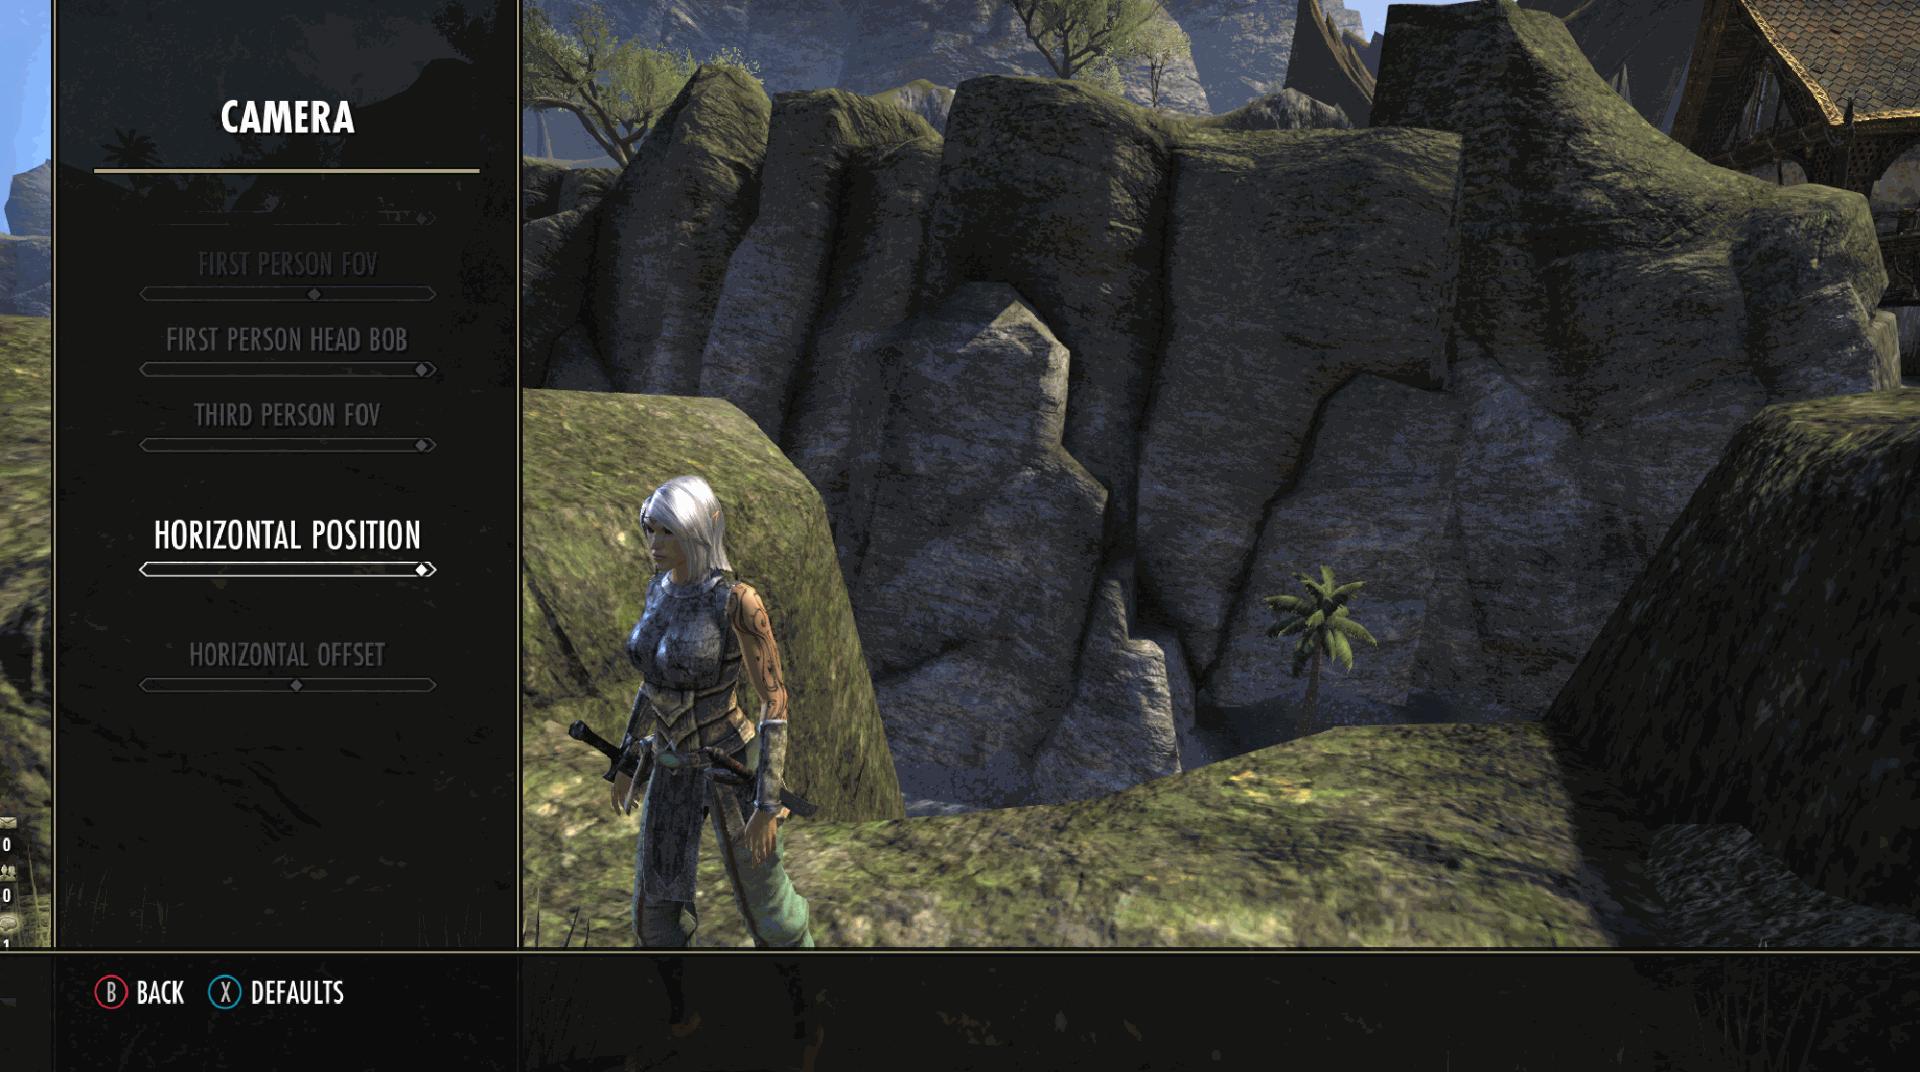 Elder Scrolls Online: Greymoor Camera Settings Menu